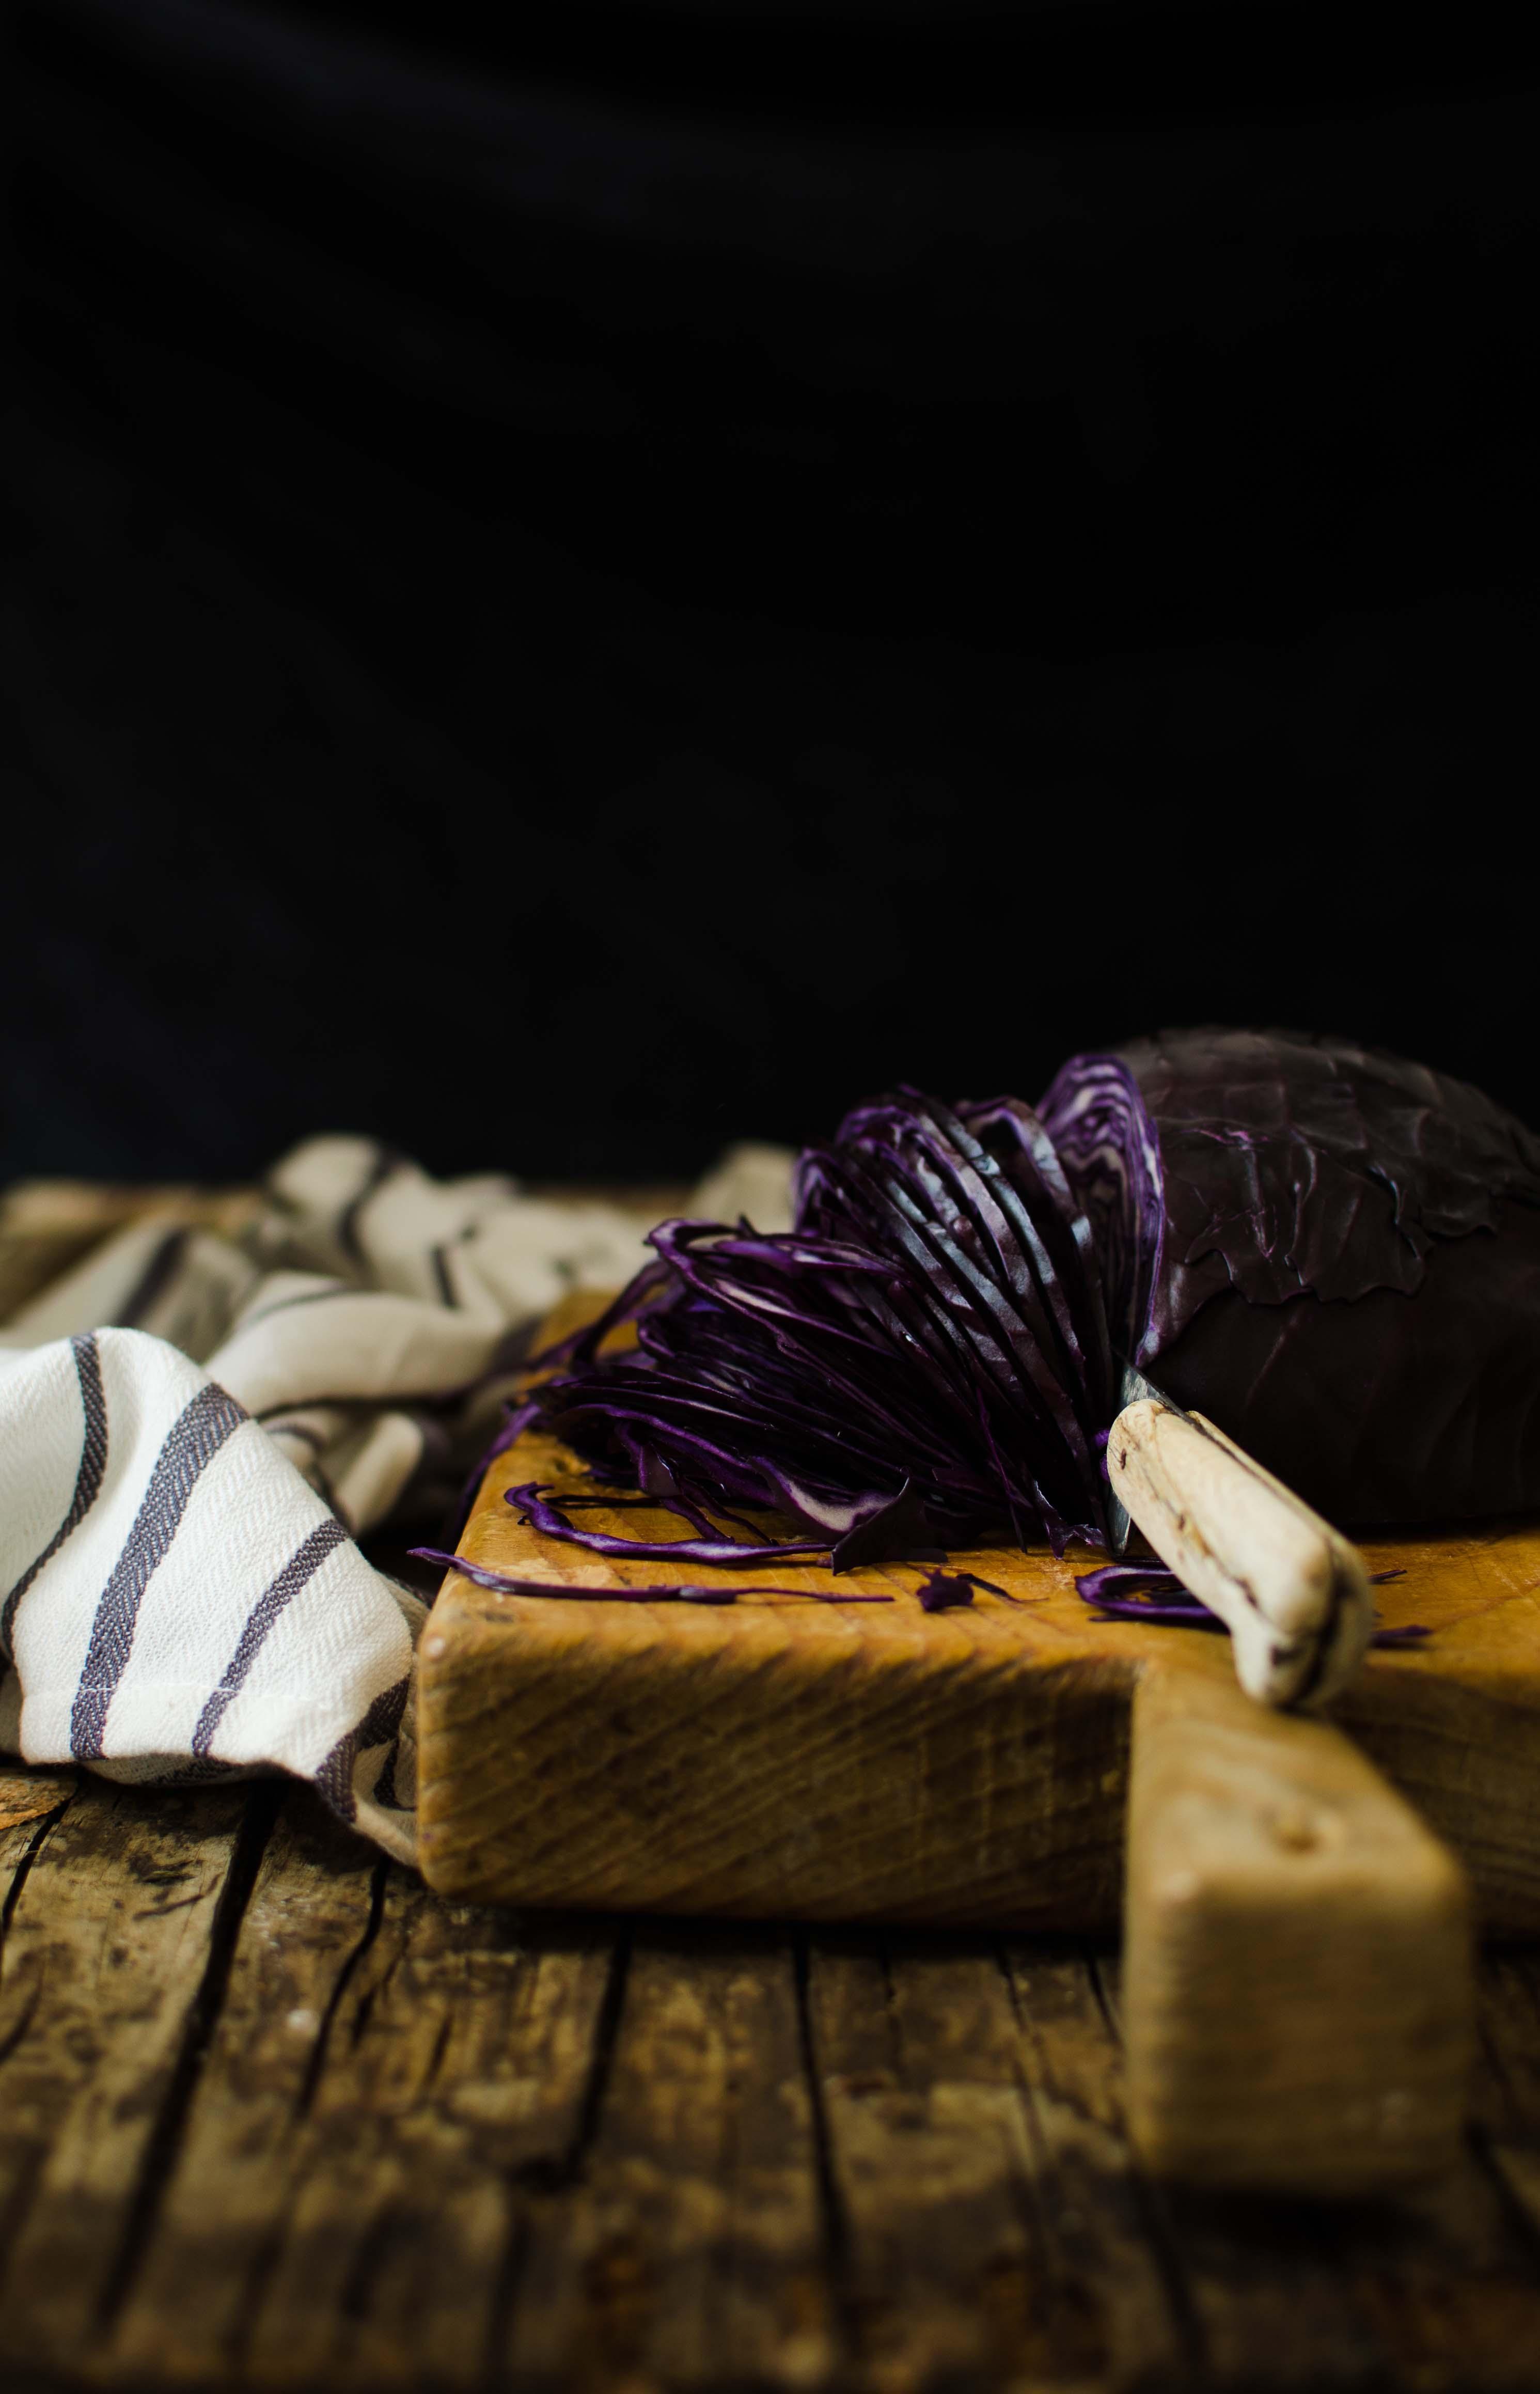 insalata_cavolo_viola Insalata croccante di cavolo viola, mele e miele di castagno